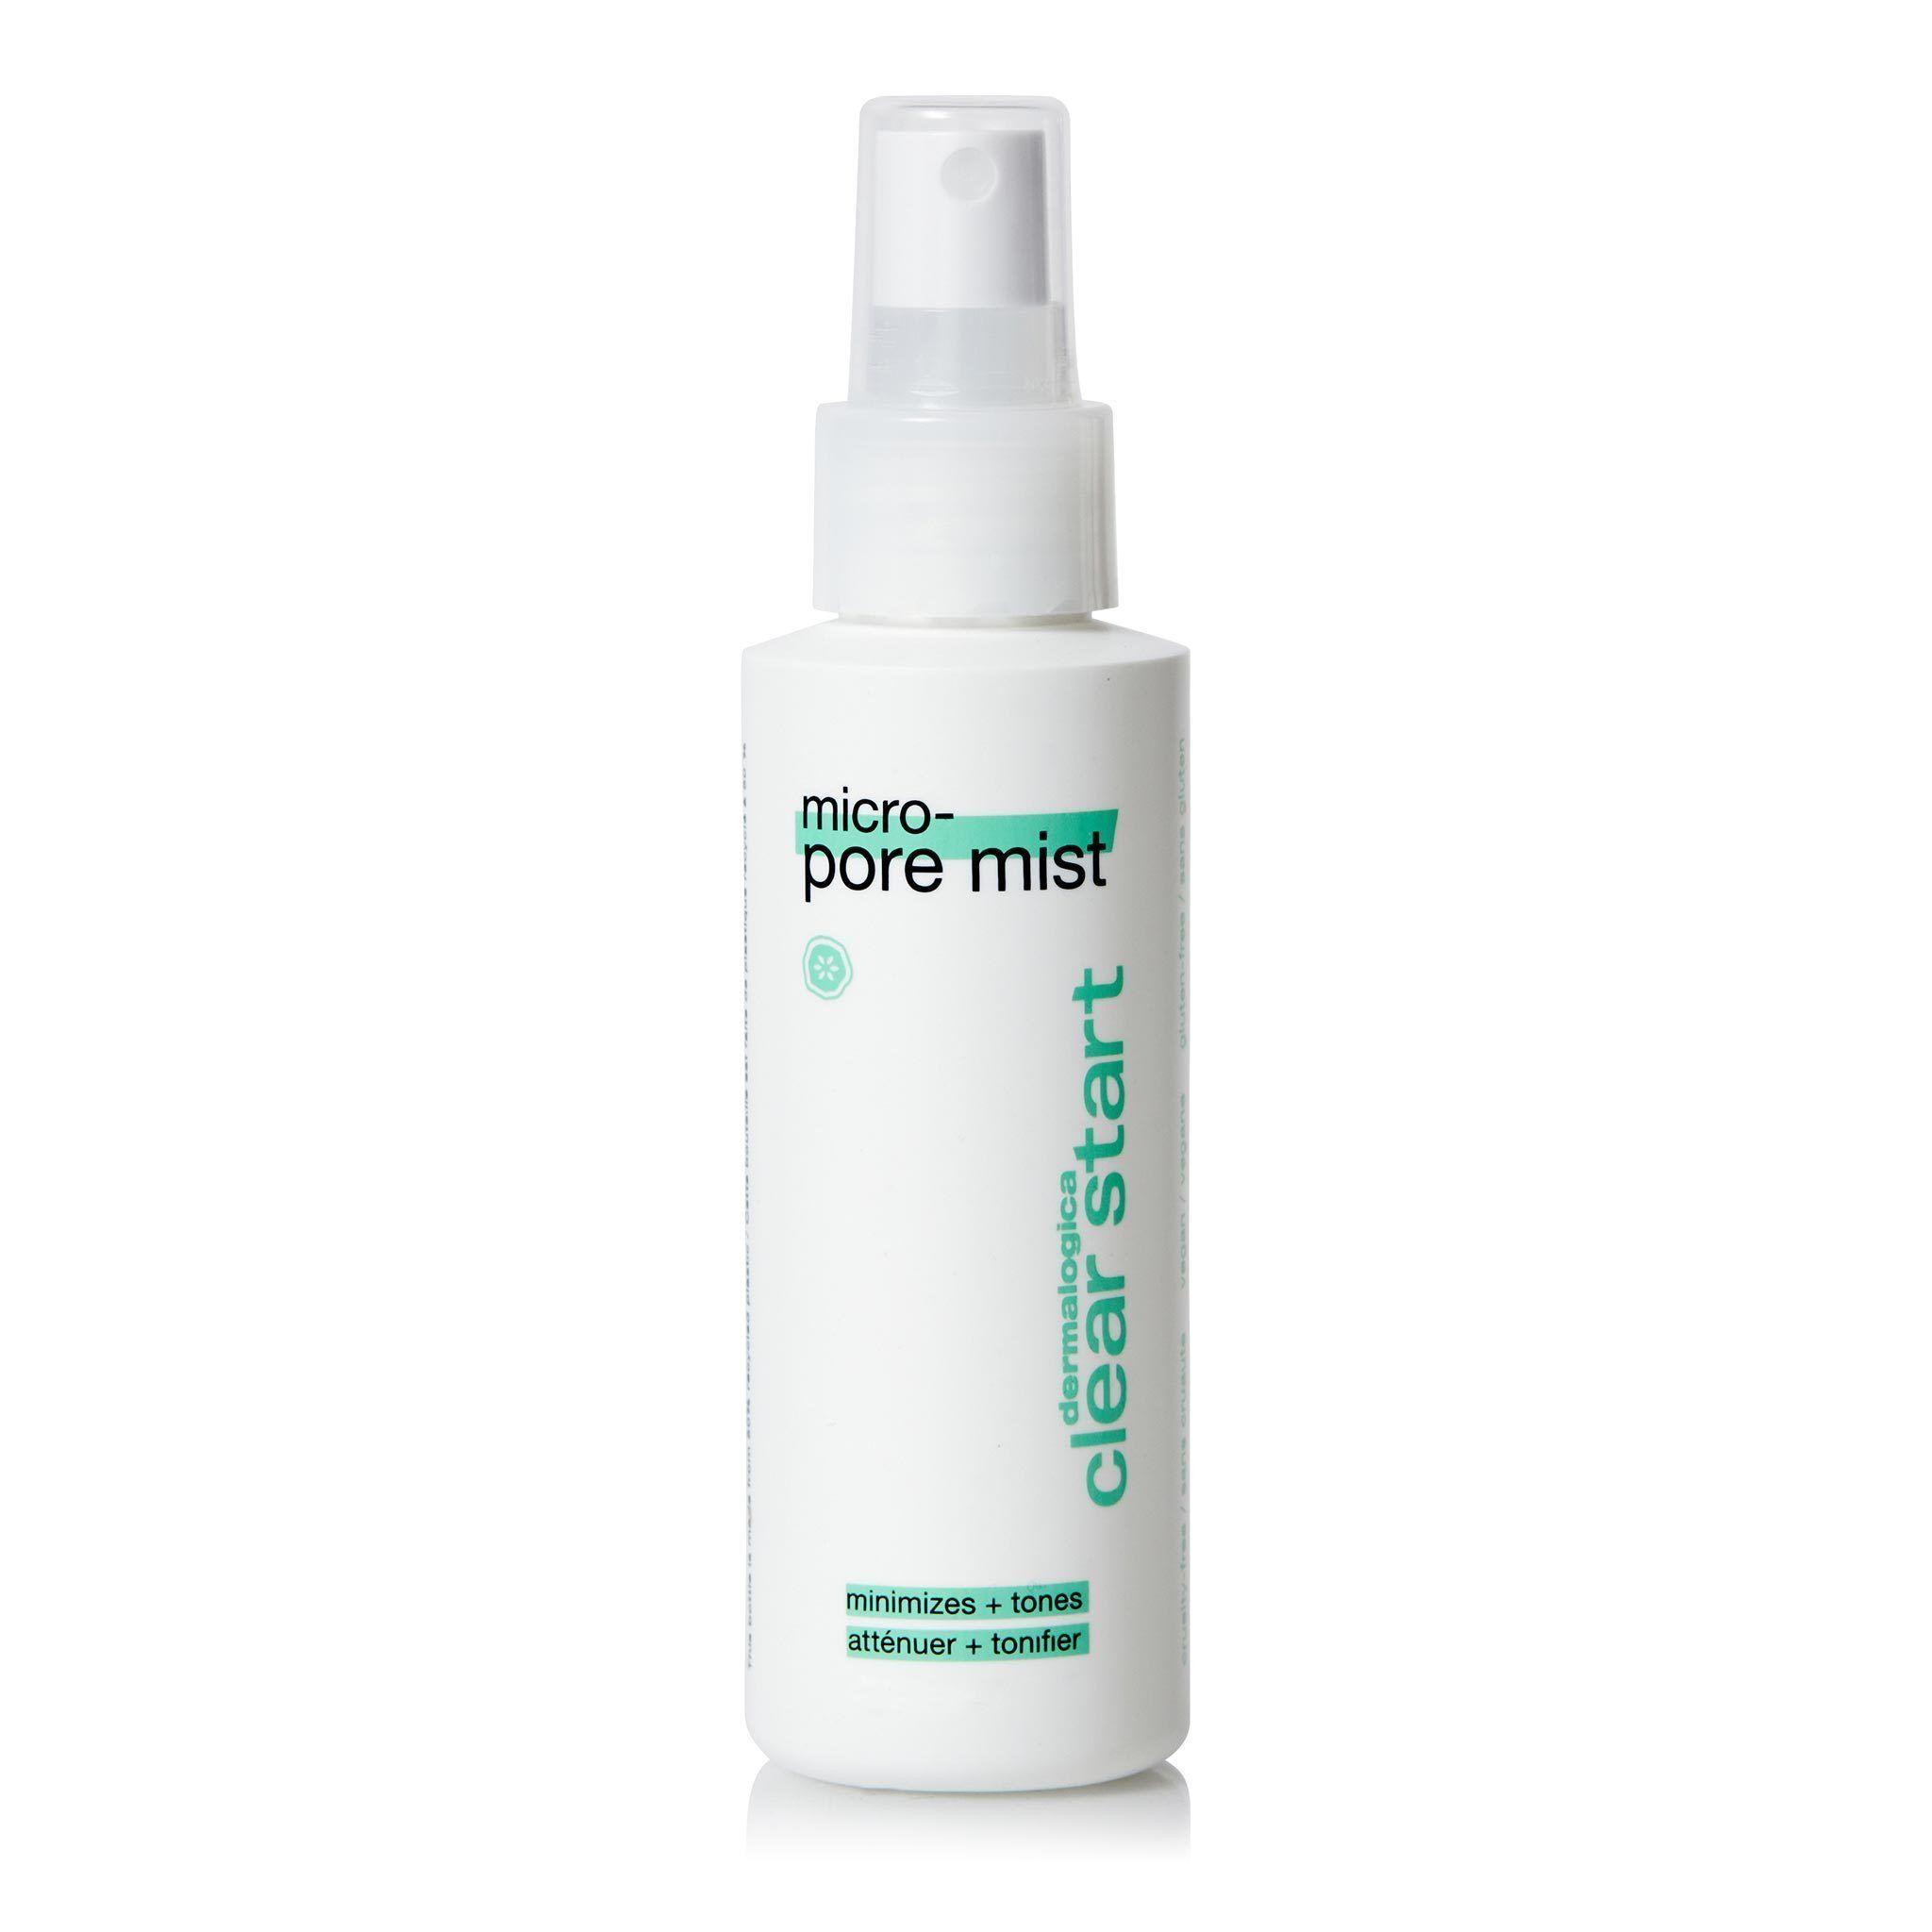 micro-pore mist – 4.0 oz